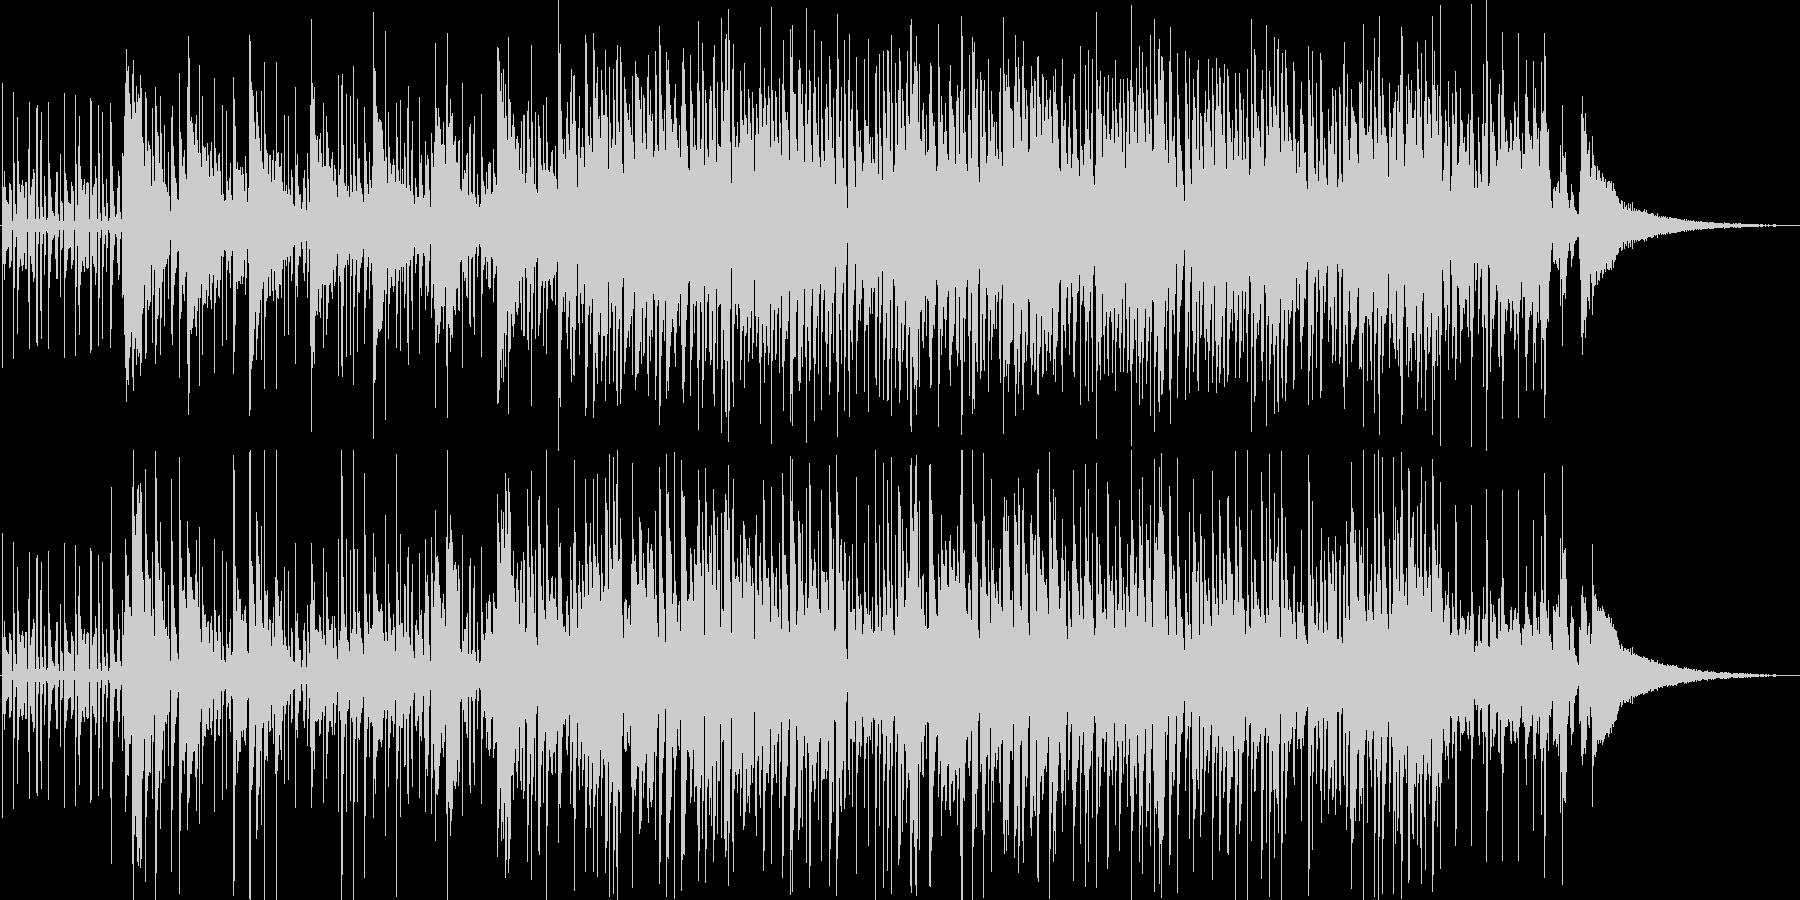 アコギ、ボイパメインの情熱的な雰囲気の未再生の波形